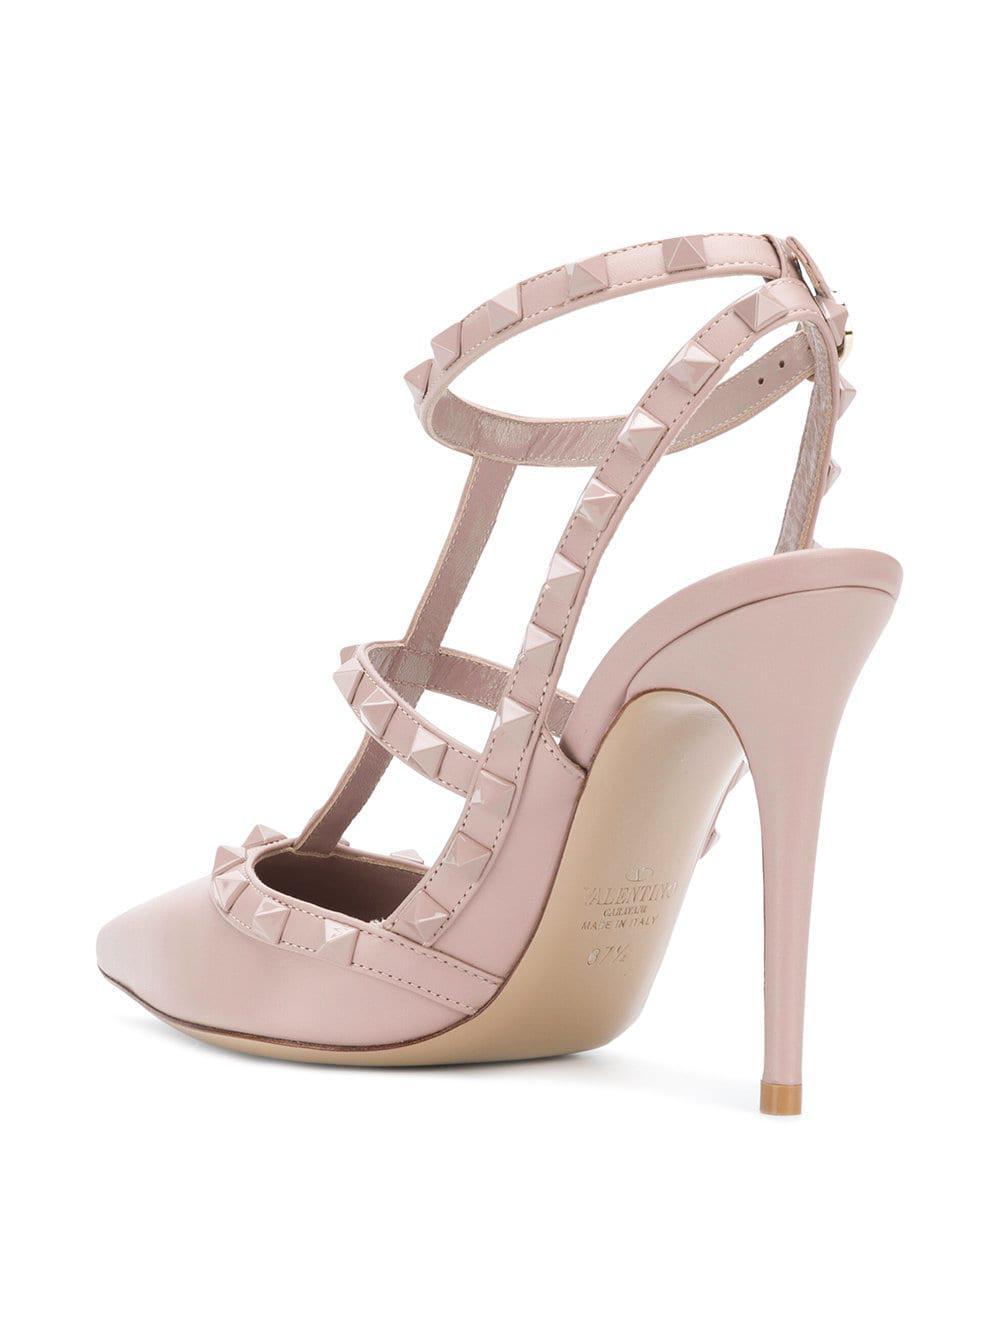 c5f352a98a1 Lyst - Valentino Garavani Rockstud Pumps in Pink